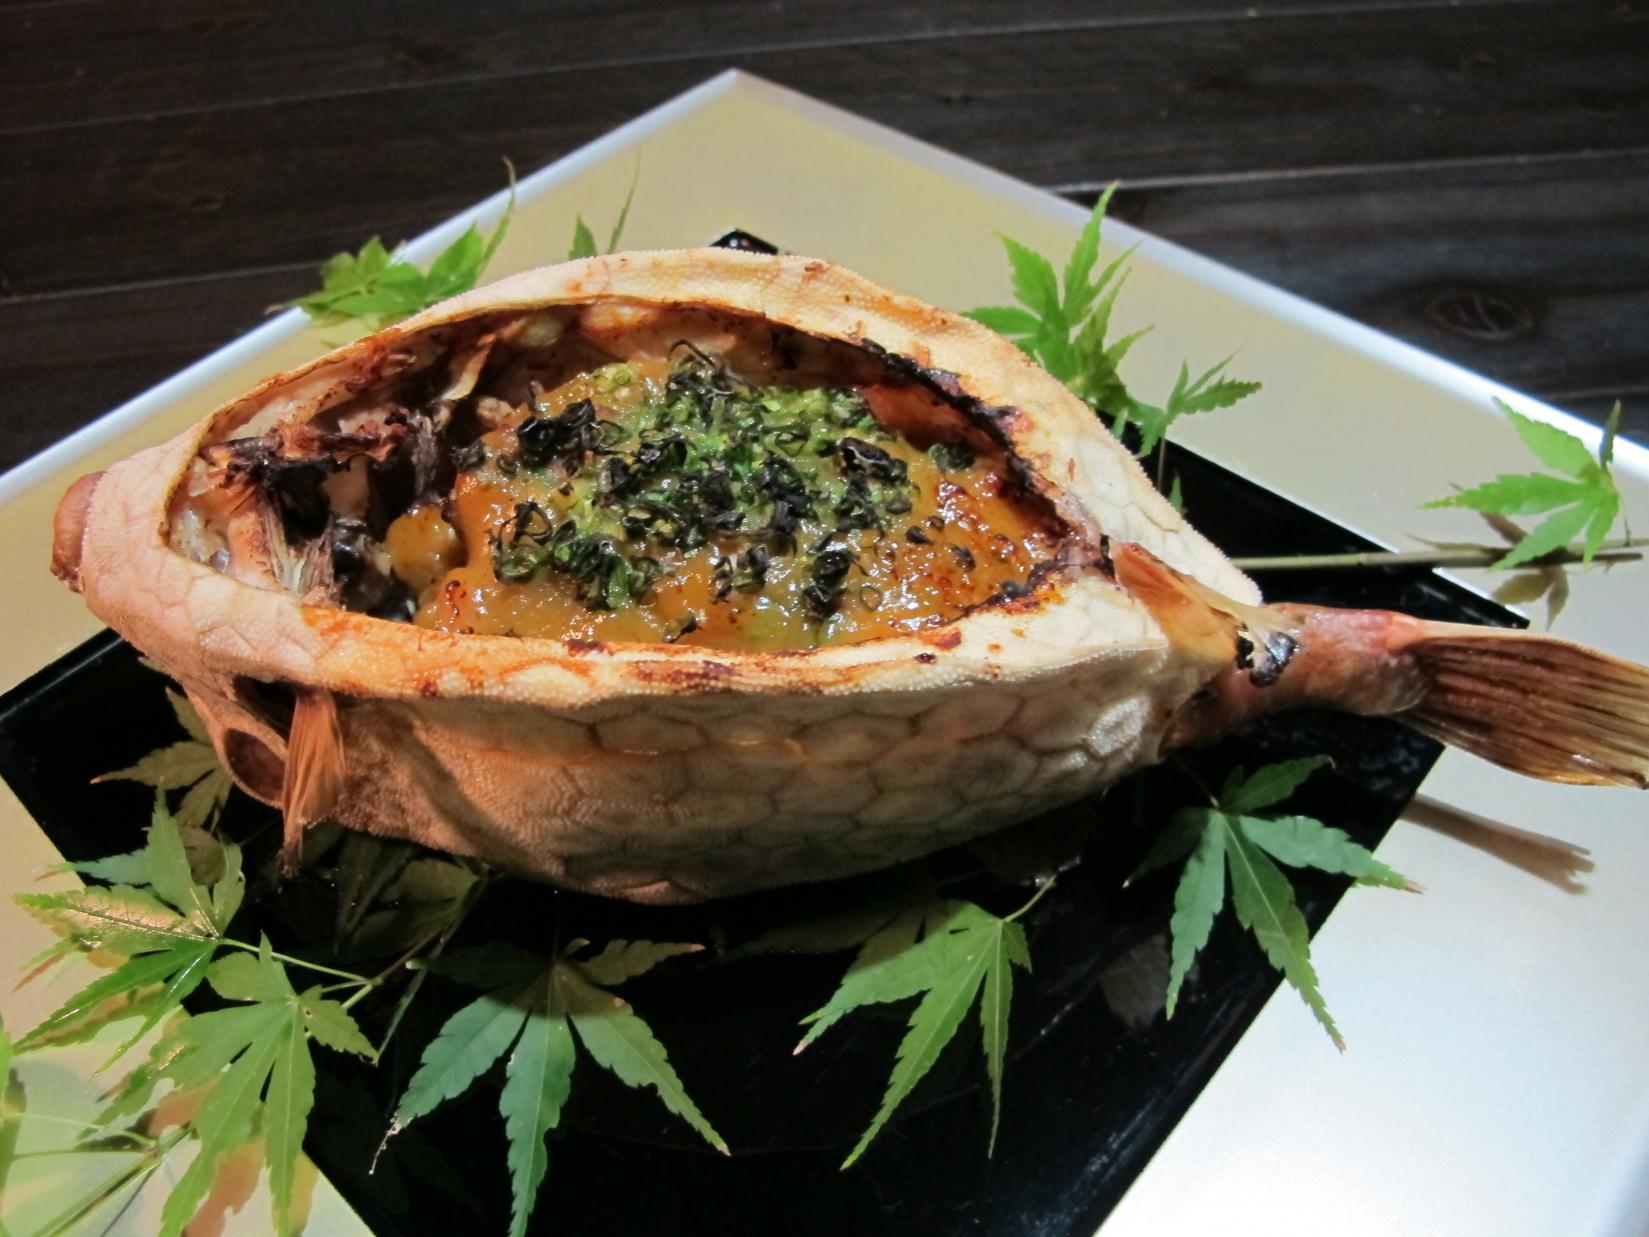 離島が生んだ絶品海鮮グルメと、五島列島の在来種を使用した芋焼酎「五島灘」に注目!-3